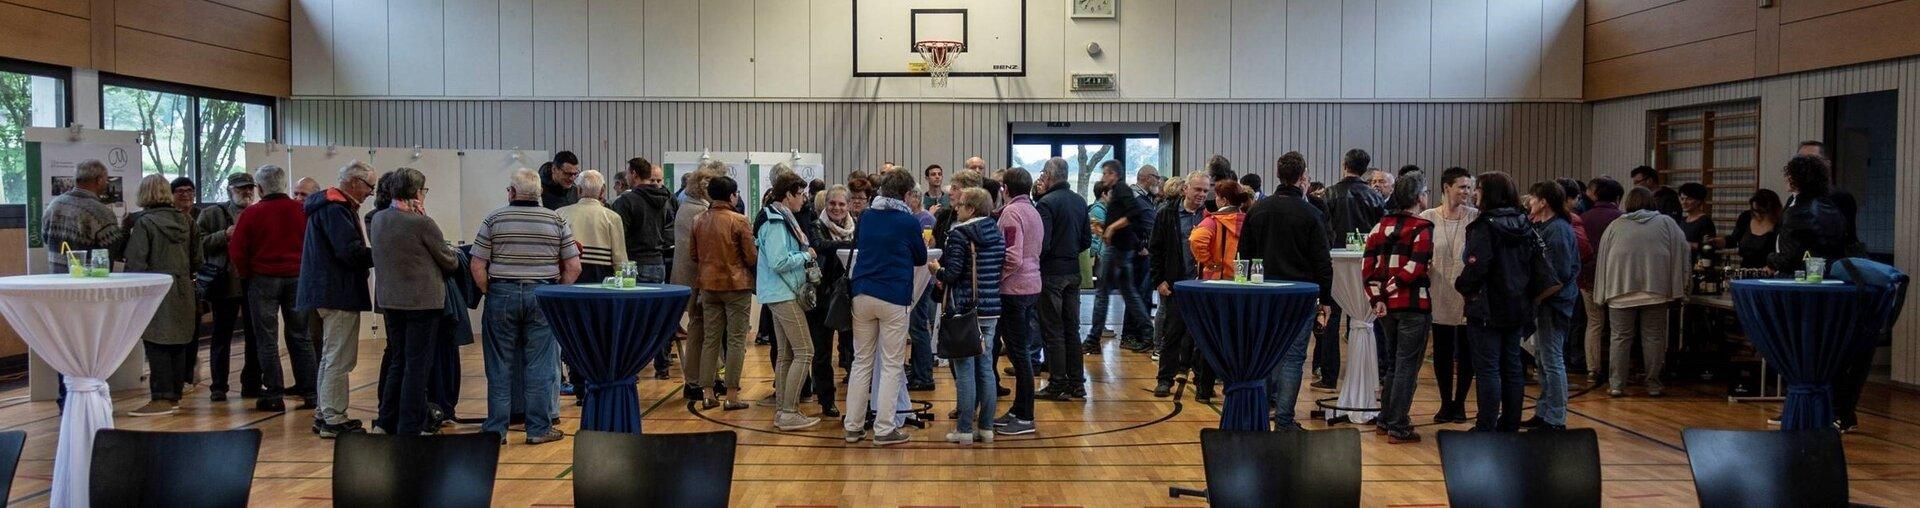 Impressionen vom 2. Bürgerforum in Mehrstetten.